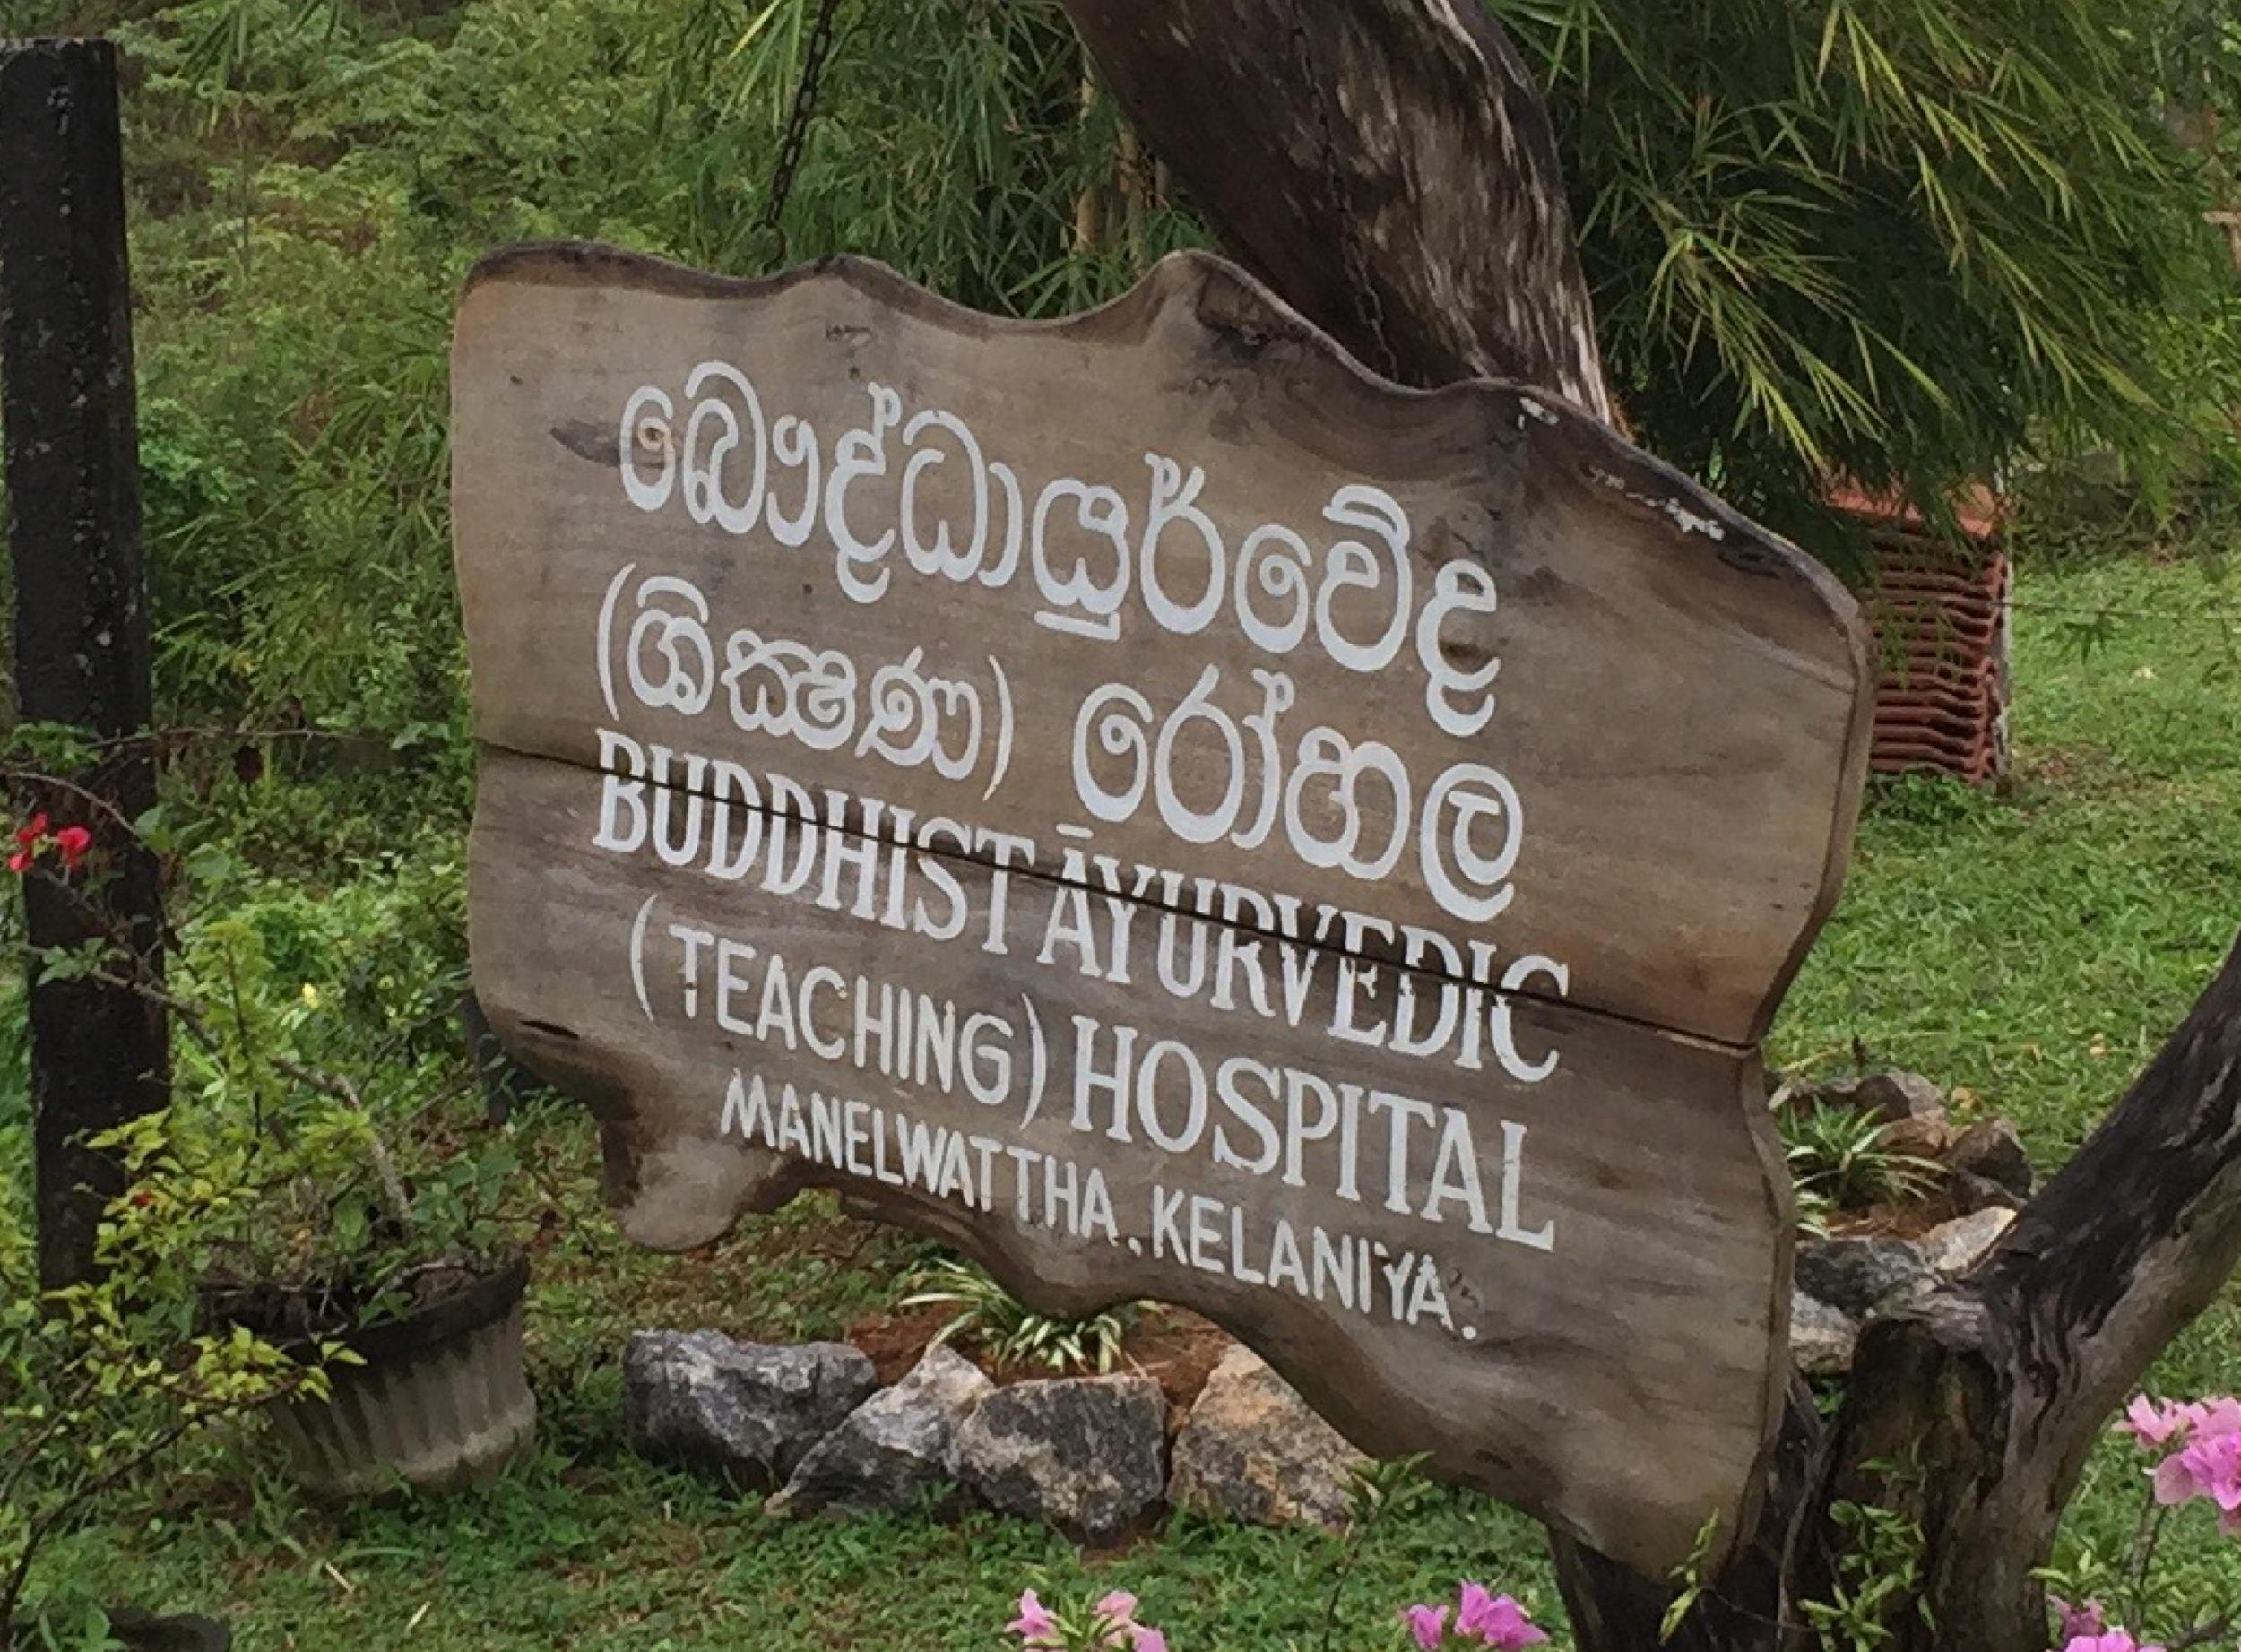 Buddhist Ayurvedic Hospital